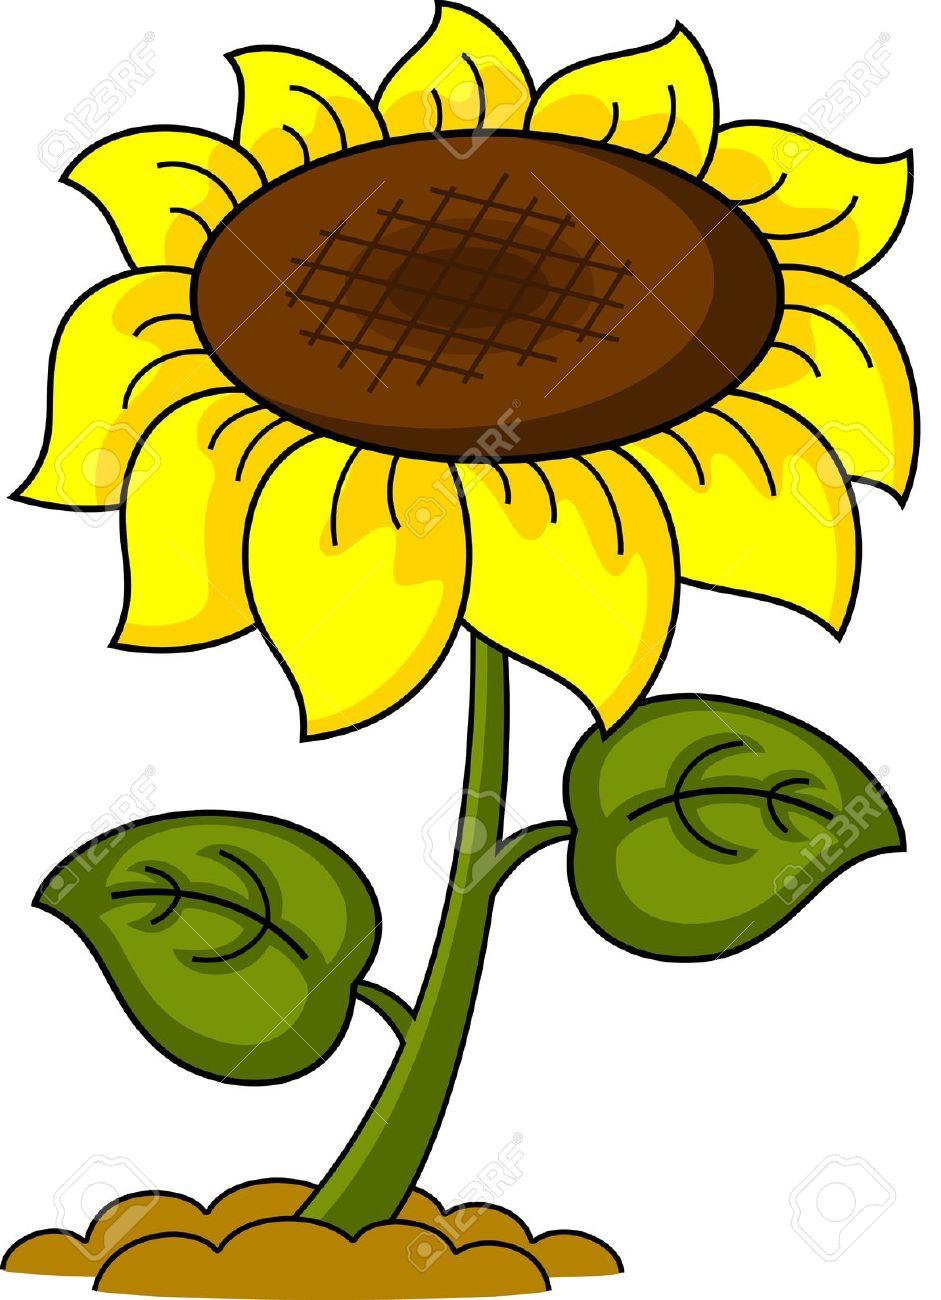 pin sunflower cartoon on pinterest free sunflower clip art black free sunflower clipart border